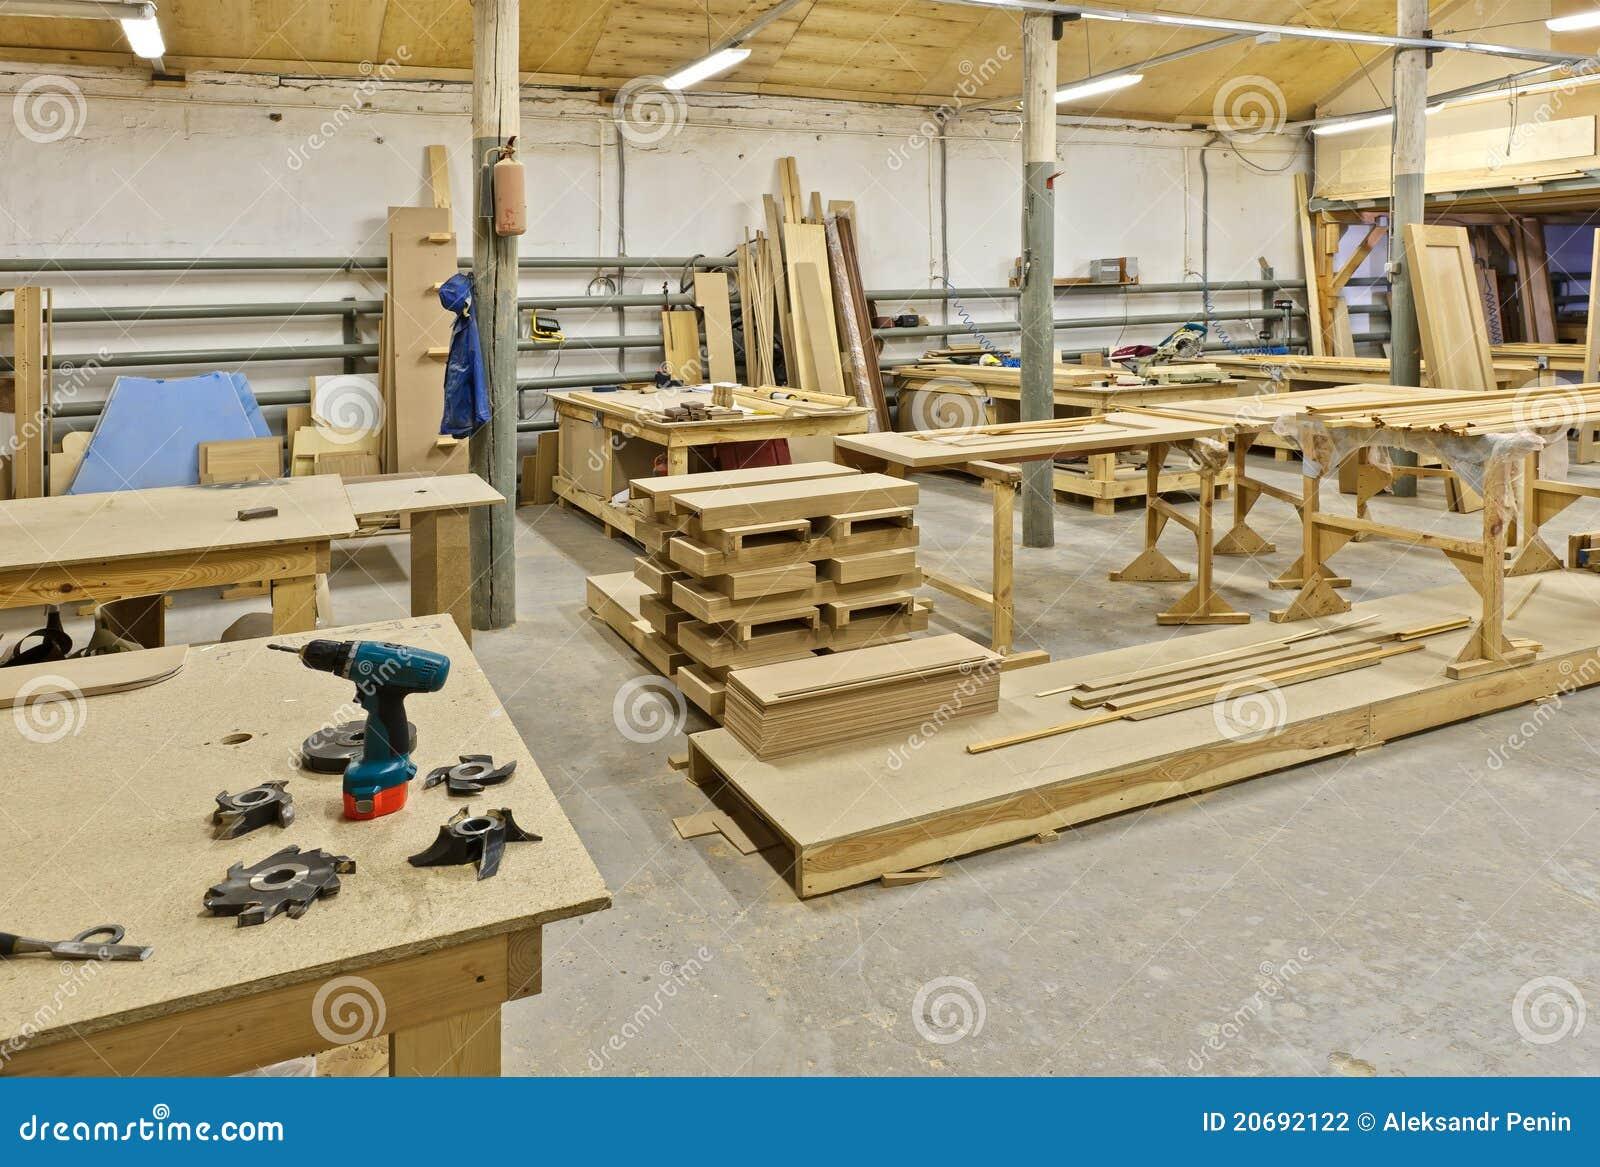 Una planta para la fabricaci n de los muebles foto de for Fabricacion de bares de madera